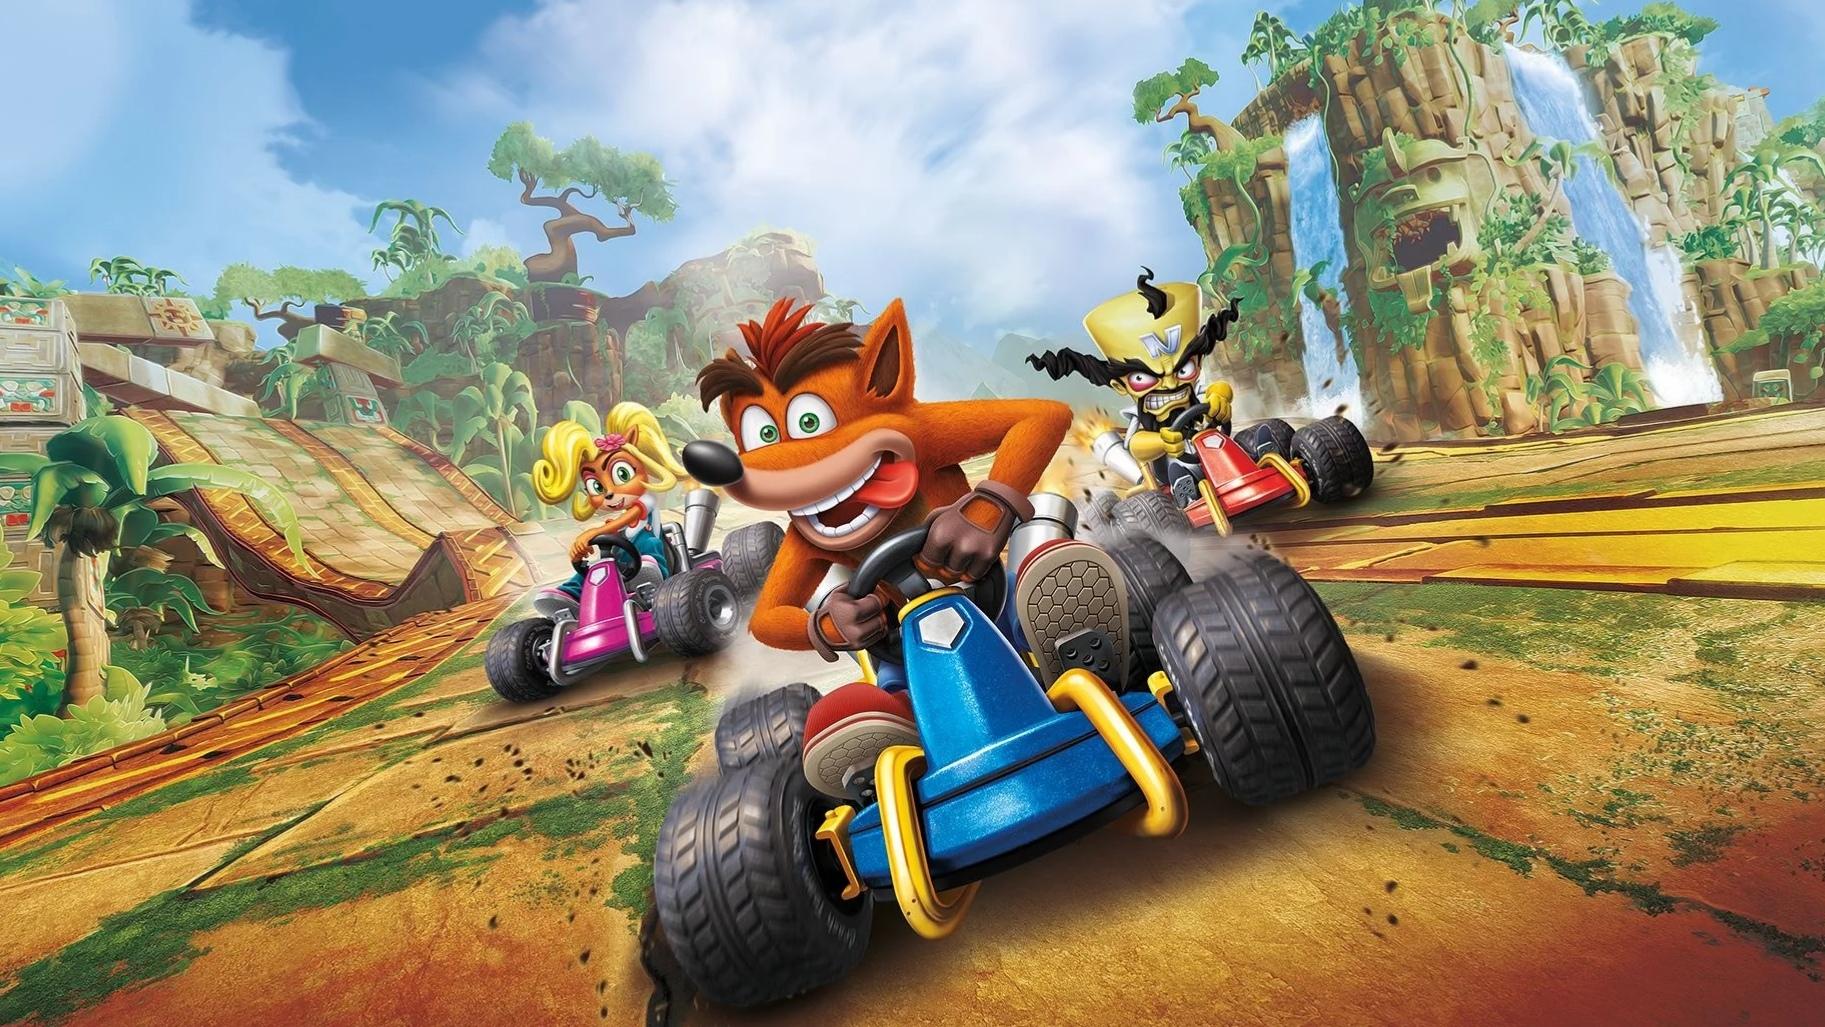 Crash Team Racing: Nitro-Fueled nabídne příběhový režim Adventure